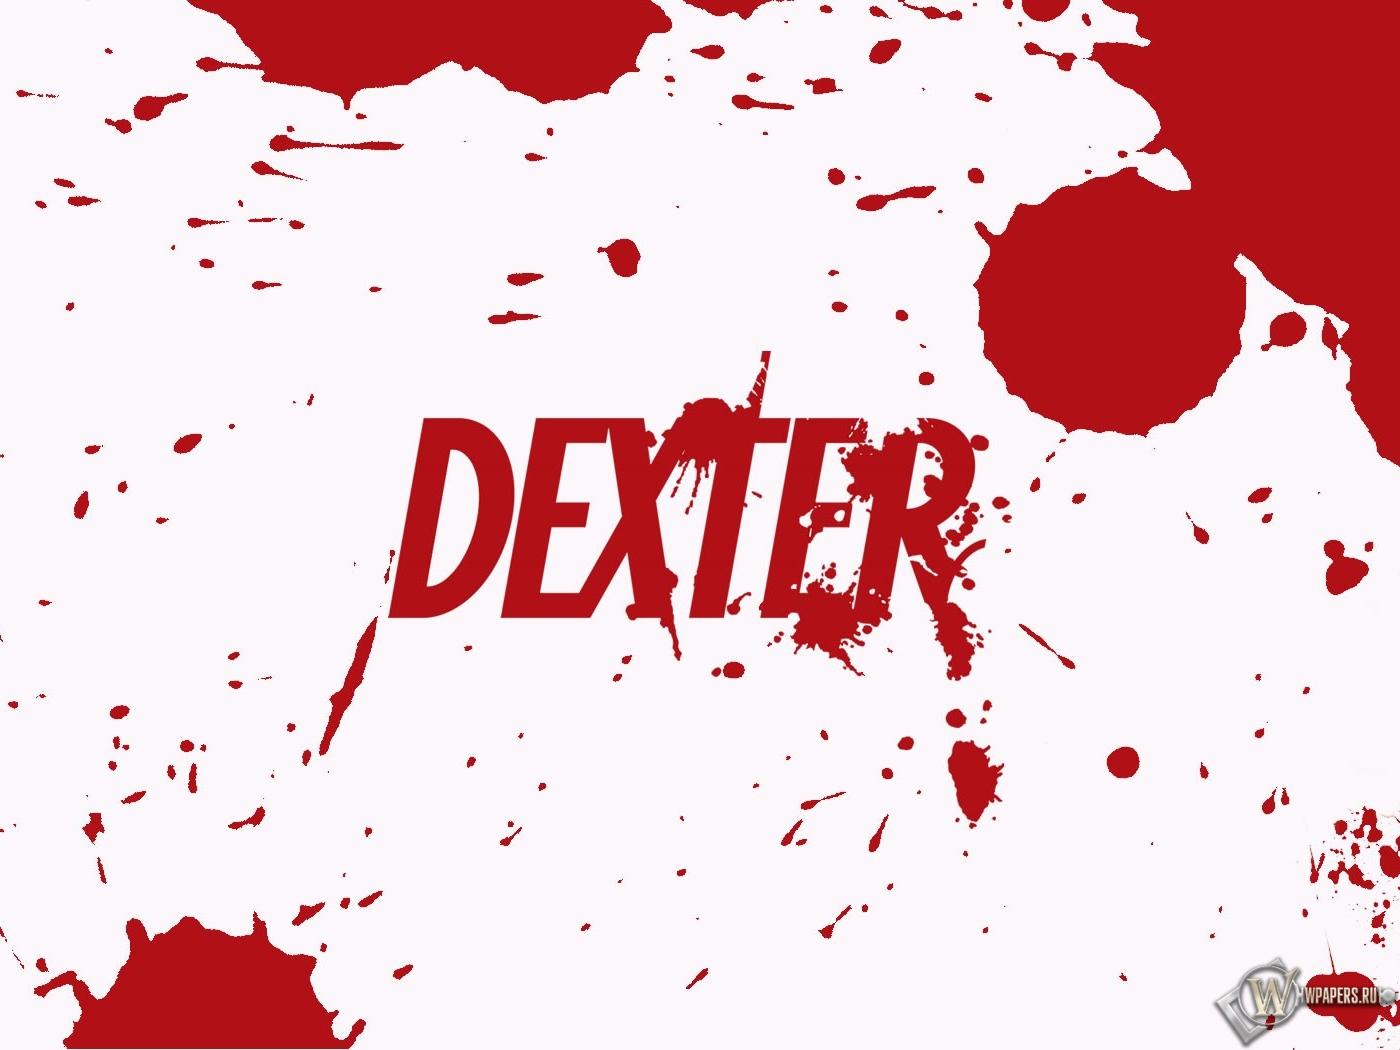 Dexter 1400x1050